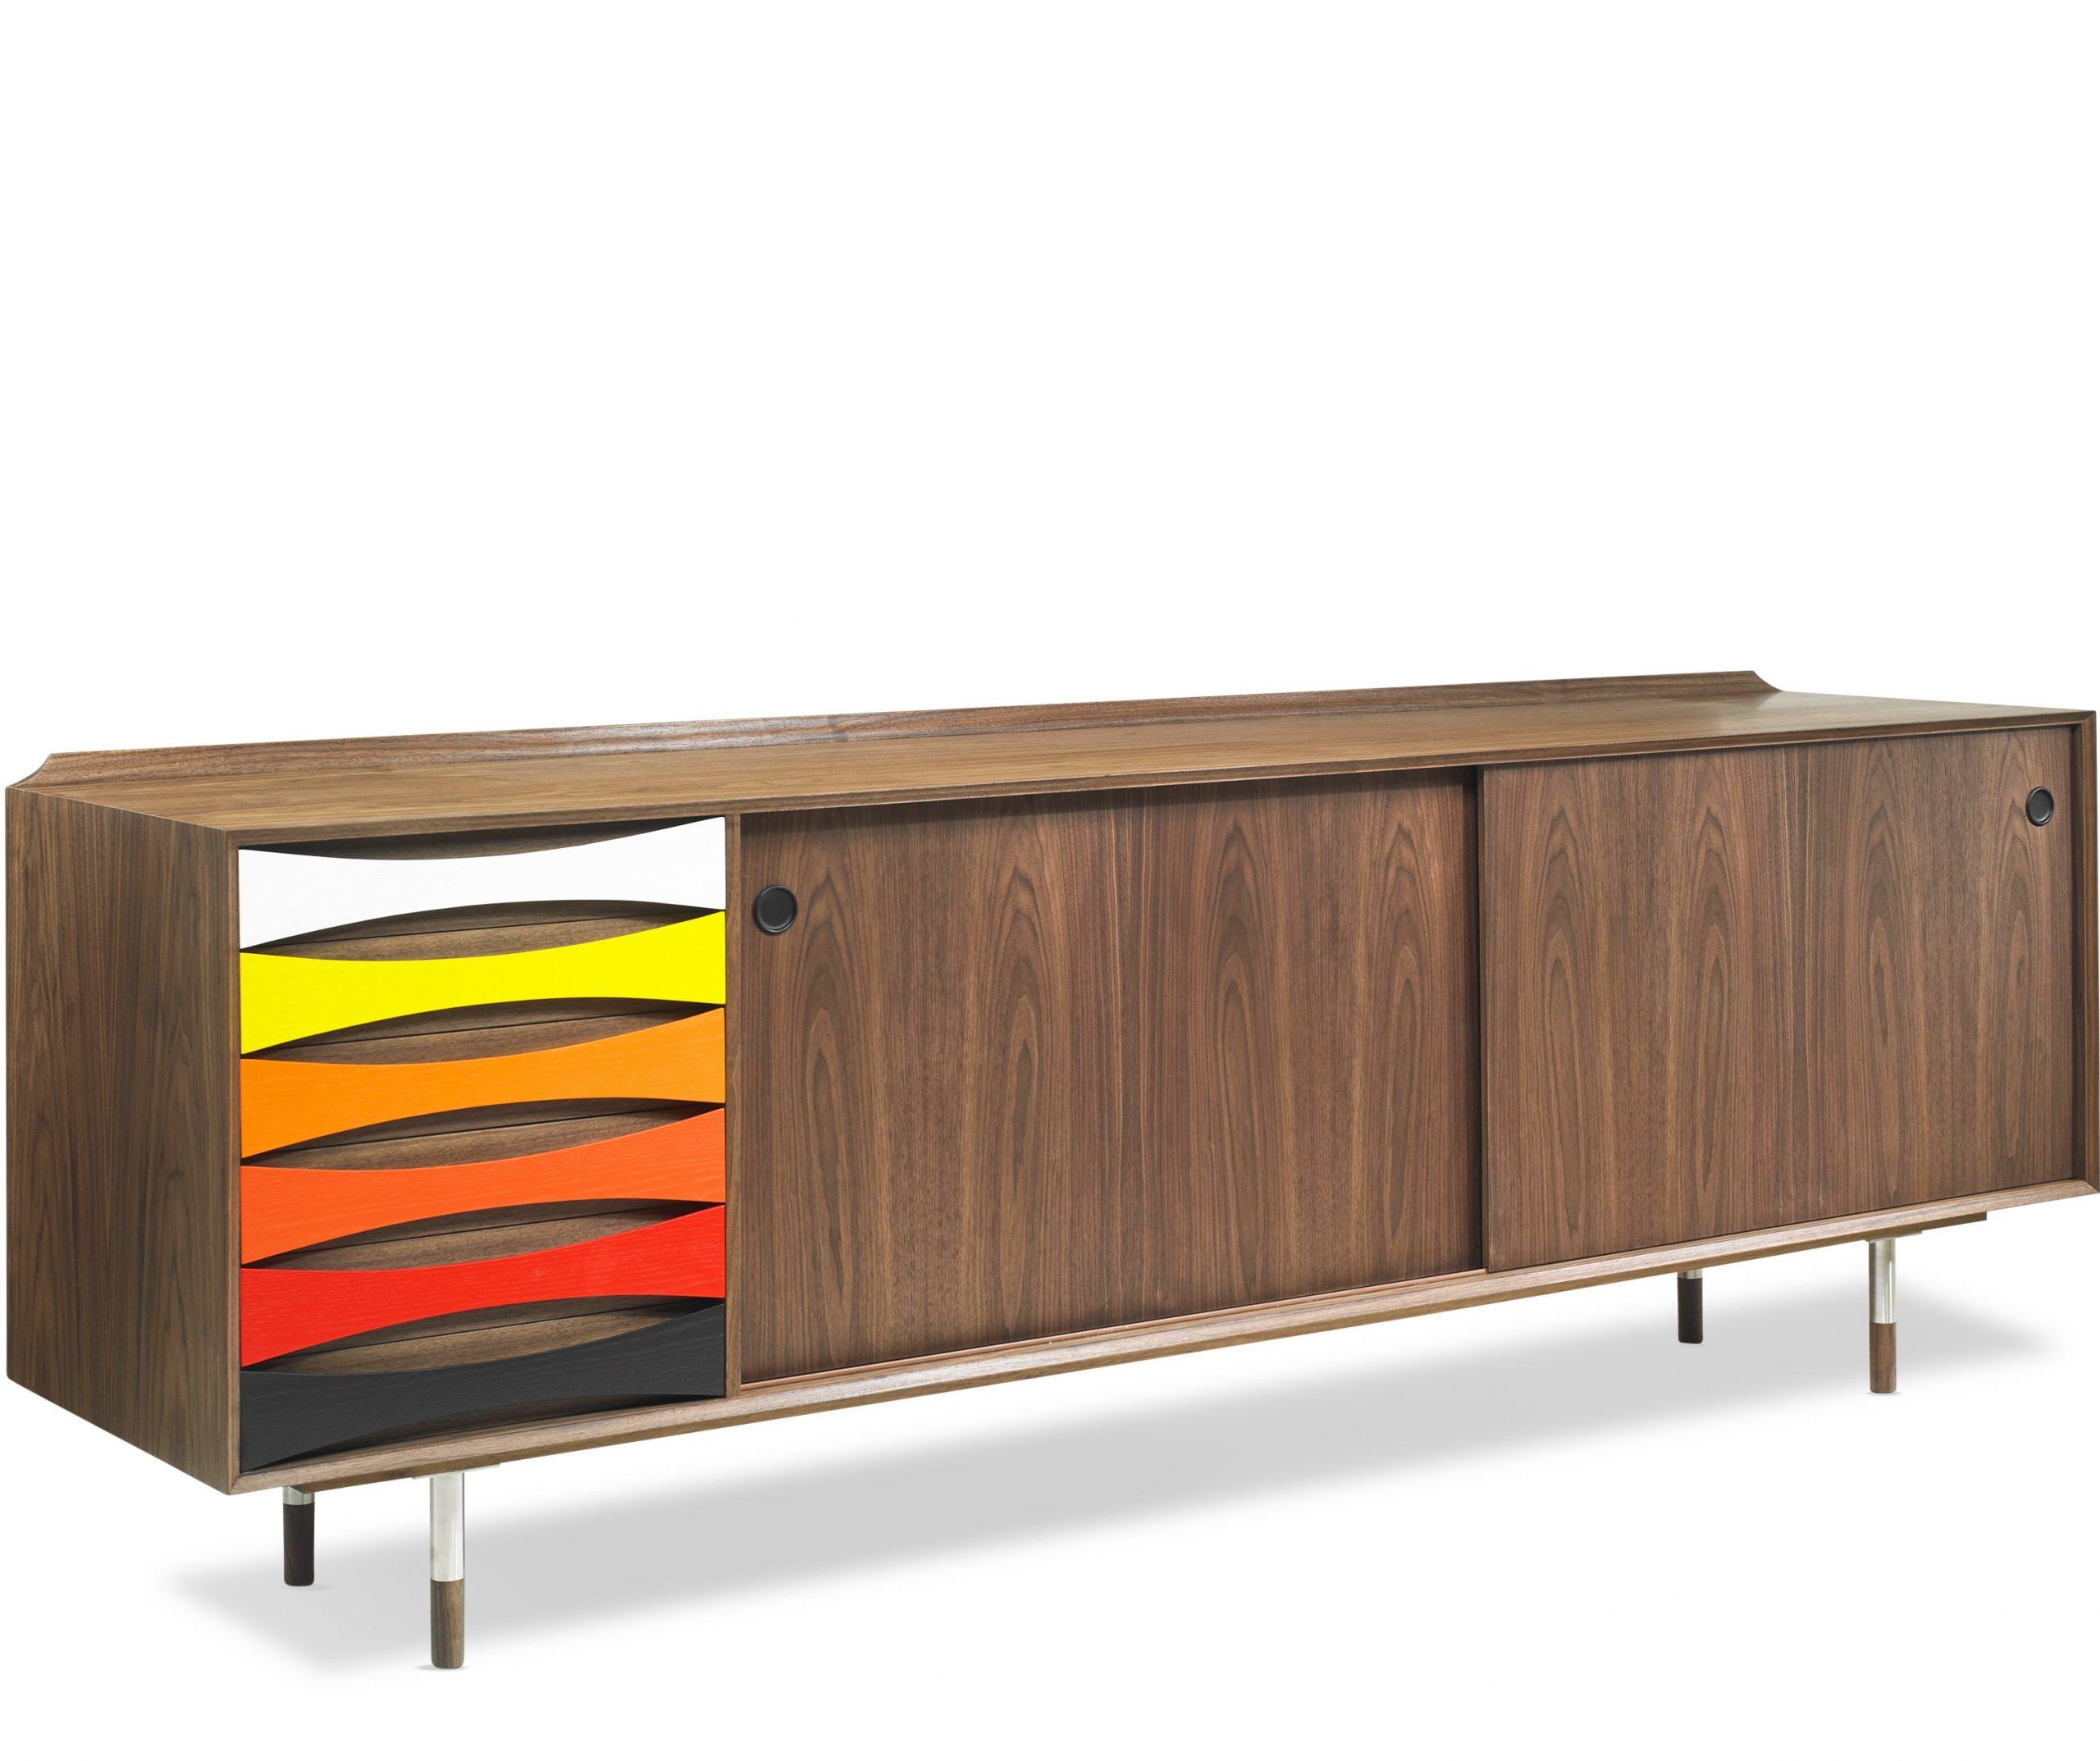 Arne-Vodder-skaenk-AV01-AV02-Valnoed-Walnut-farver